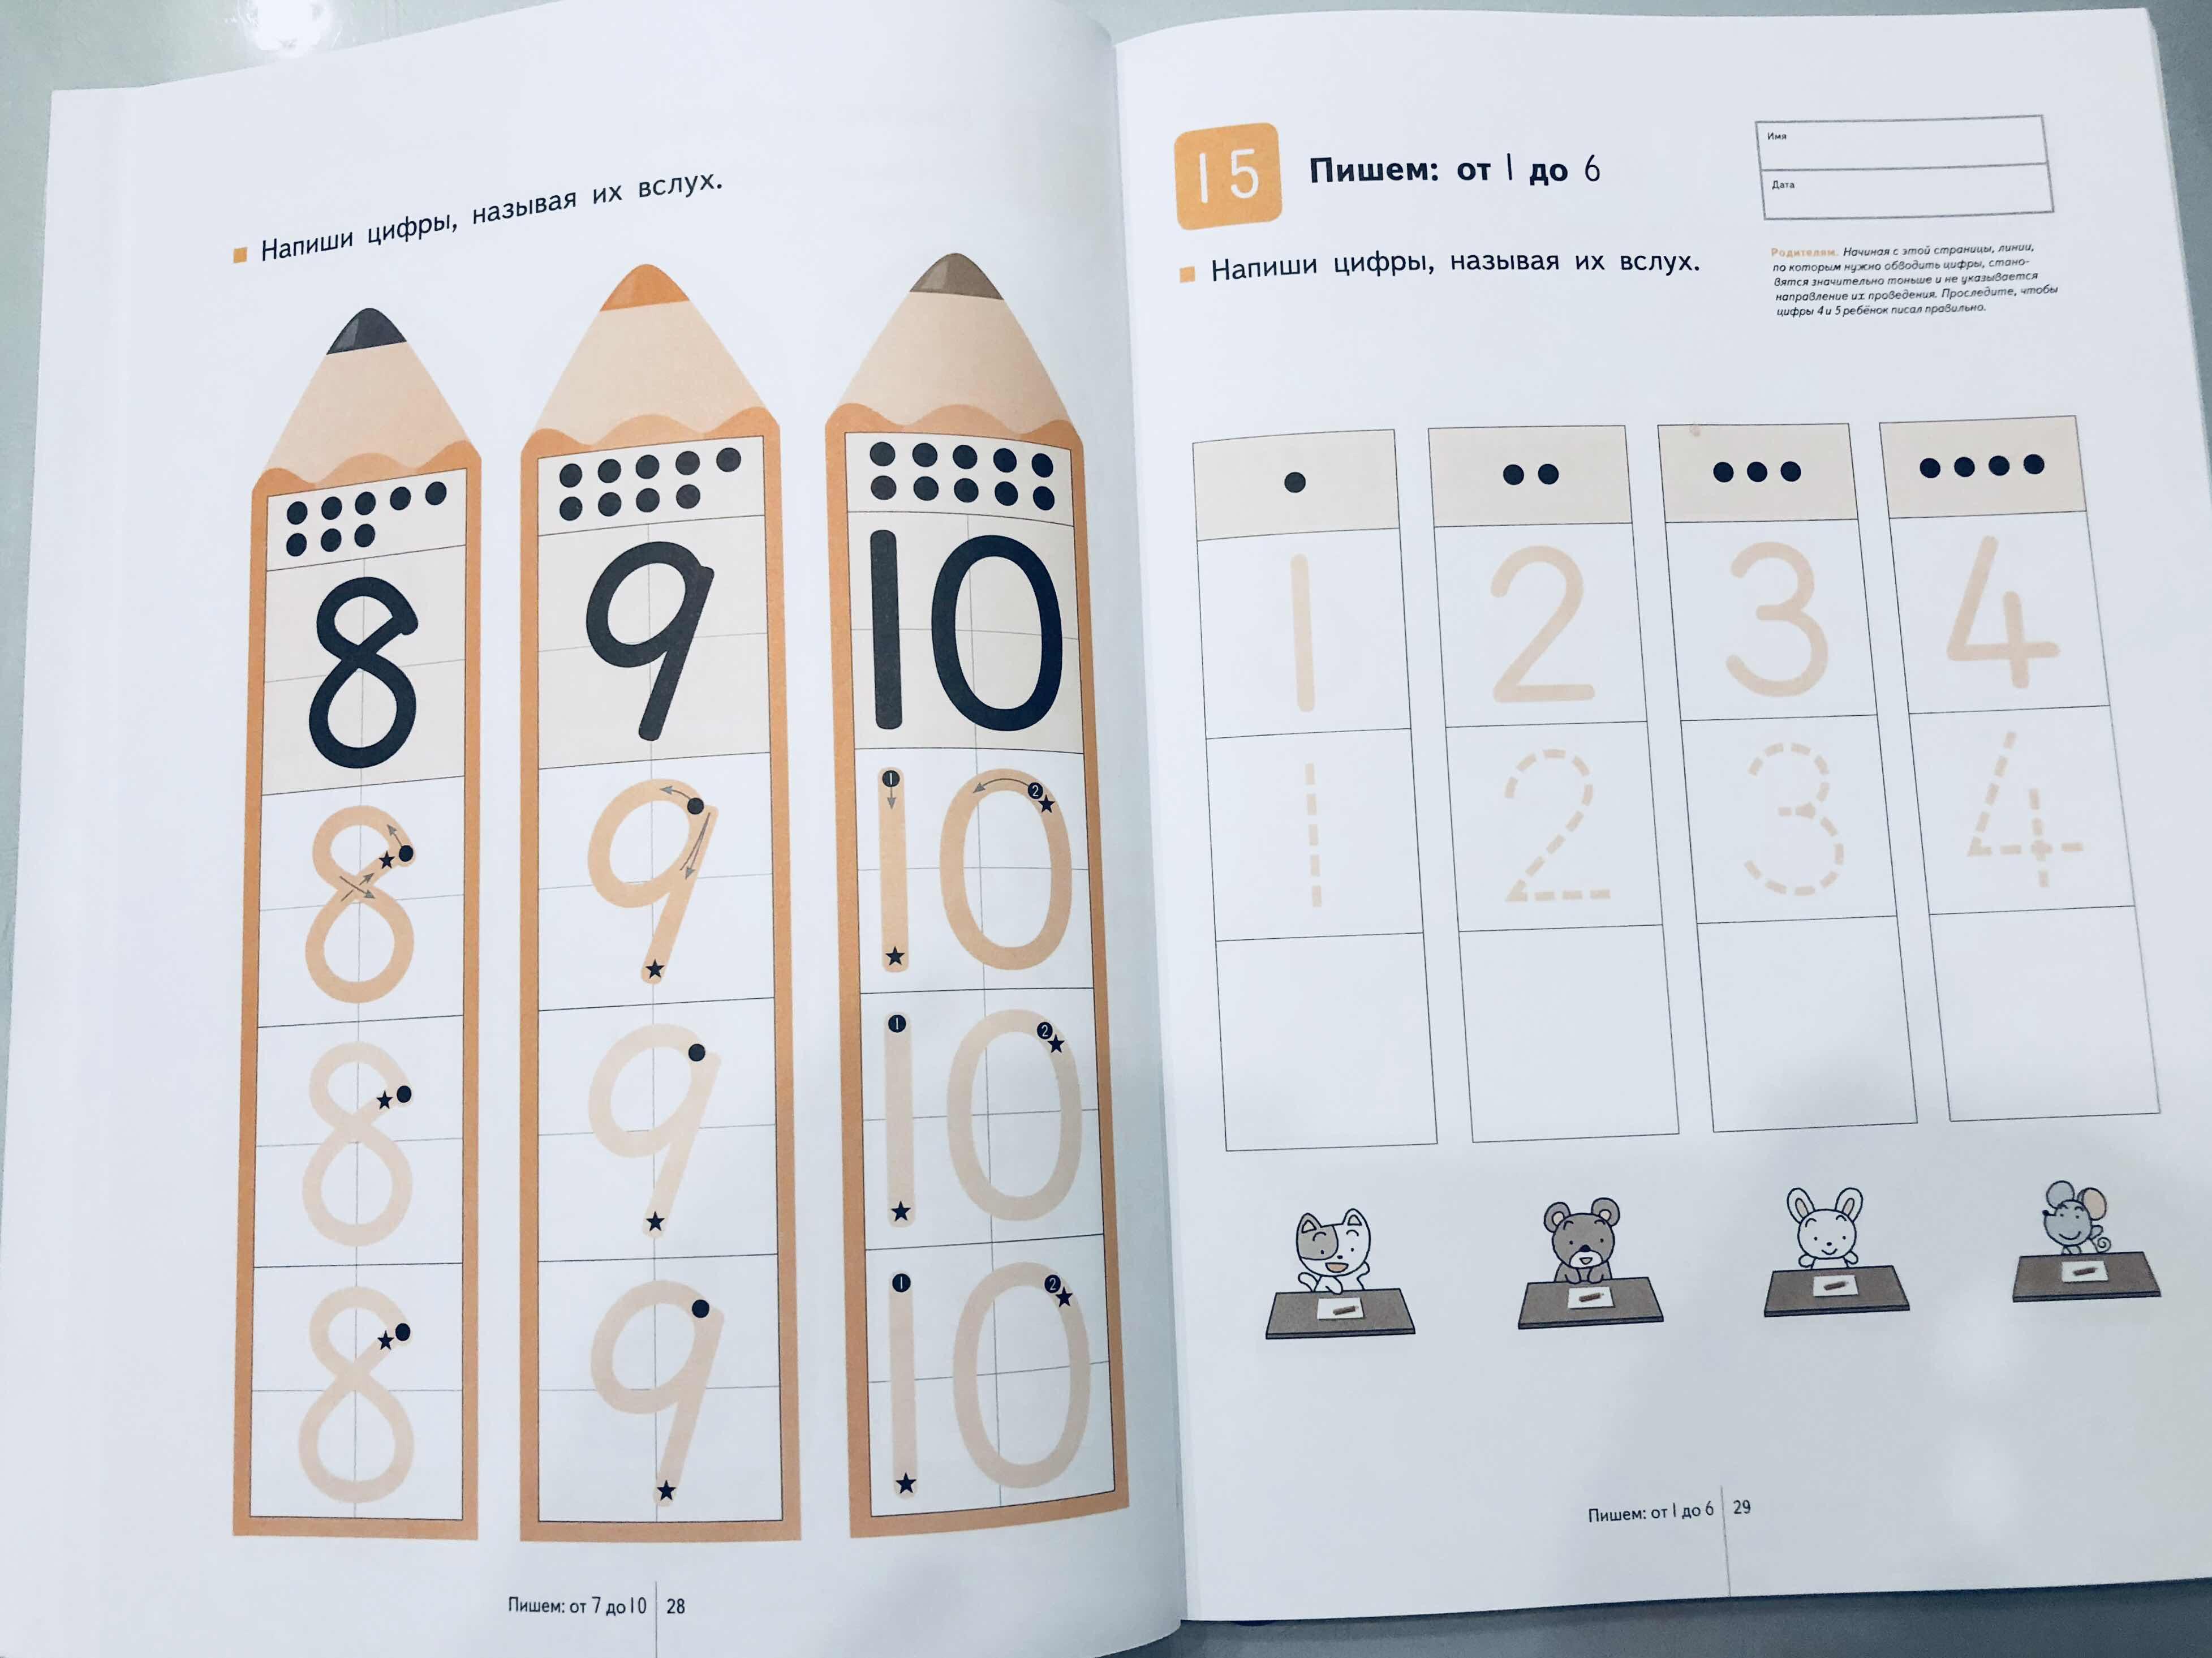 Начинаем учиться считать. Изучаем счет от 1 до 30. 8